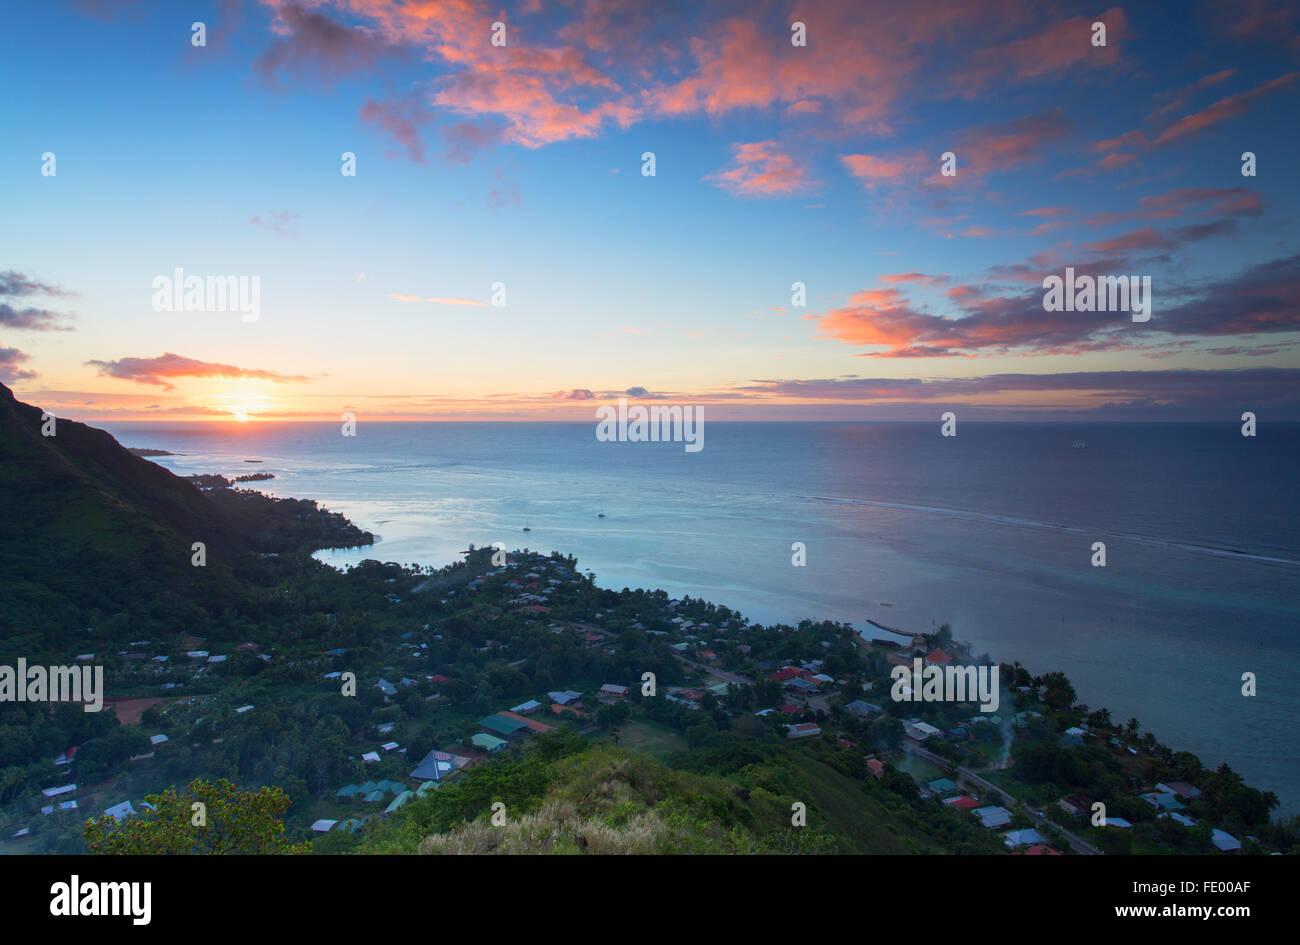 Vista di Papetoai al tramonto, Mo'Orea, Isole della Società, Polinesia Francese Immagini Stock